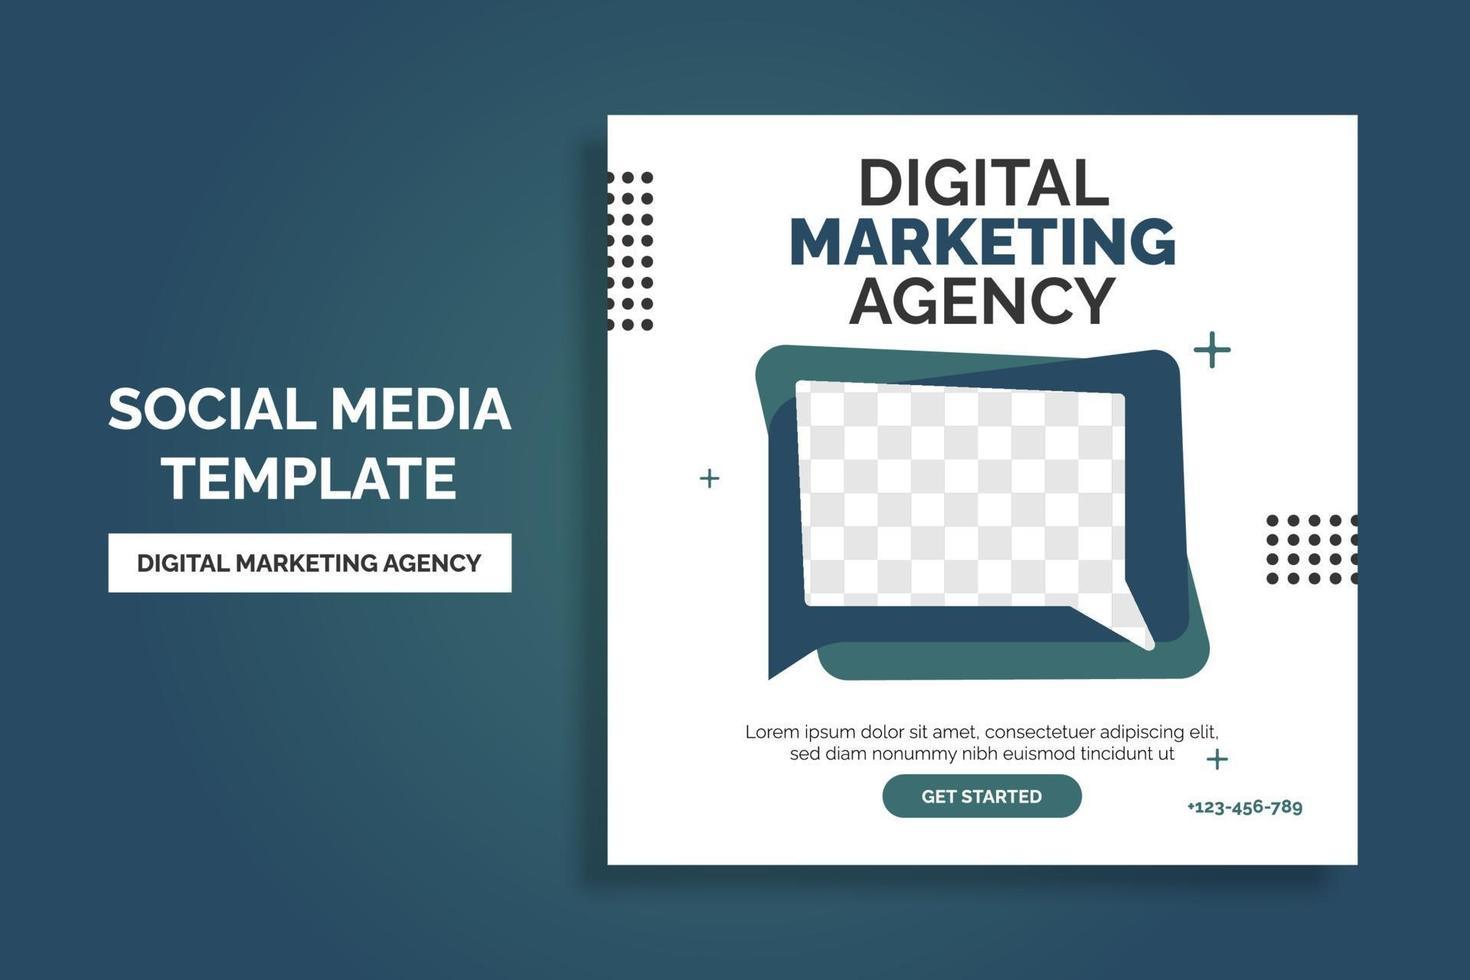 création de modèle de publication de médias sociaux agence de marketing d'entreprise numérique promotion de la bannière. publicité d'entreprise vecteur